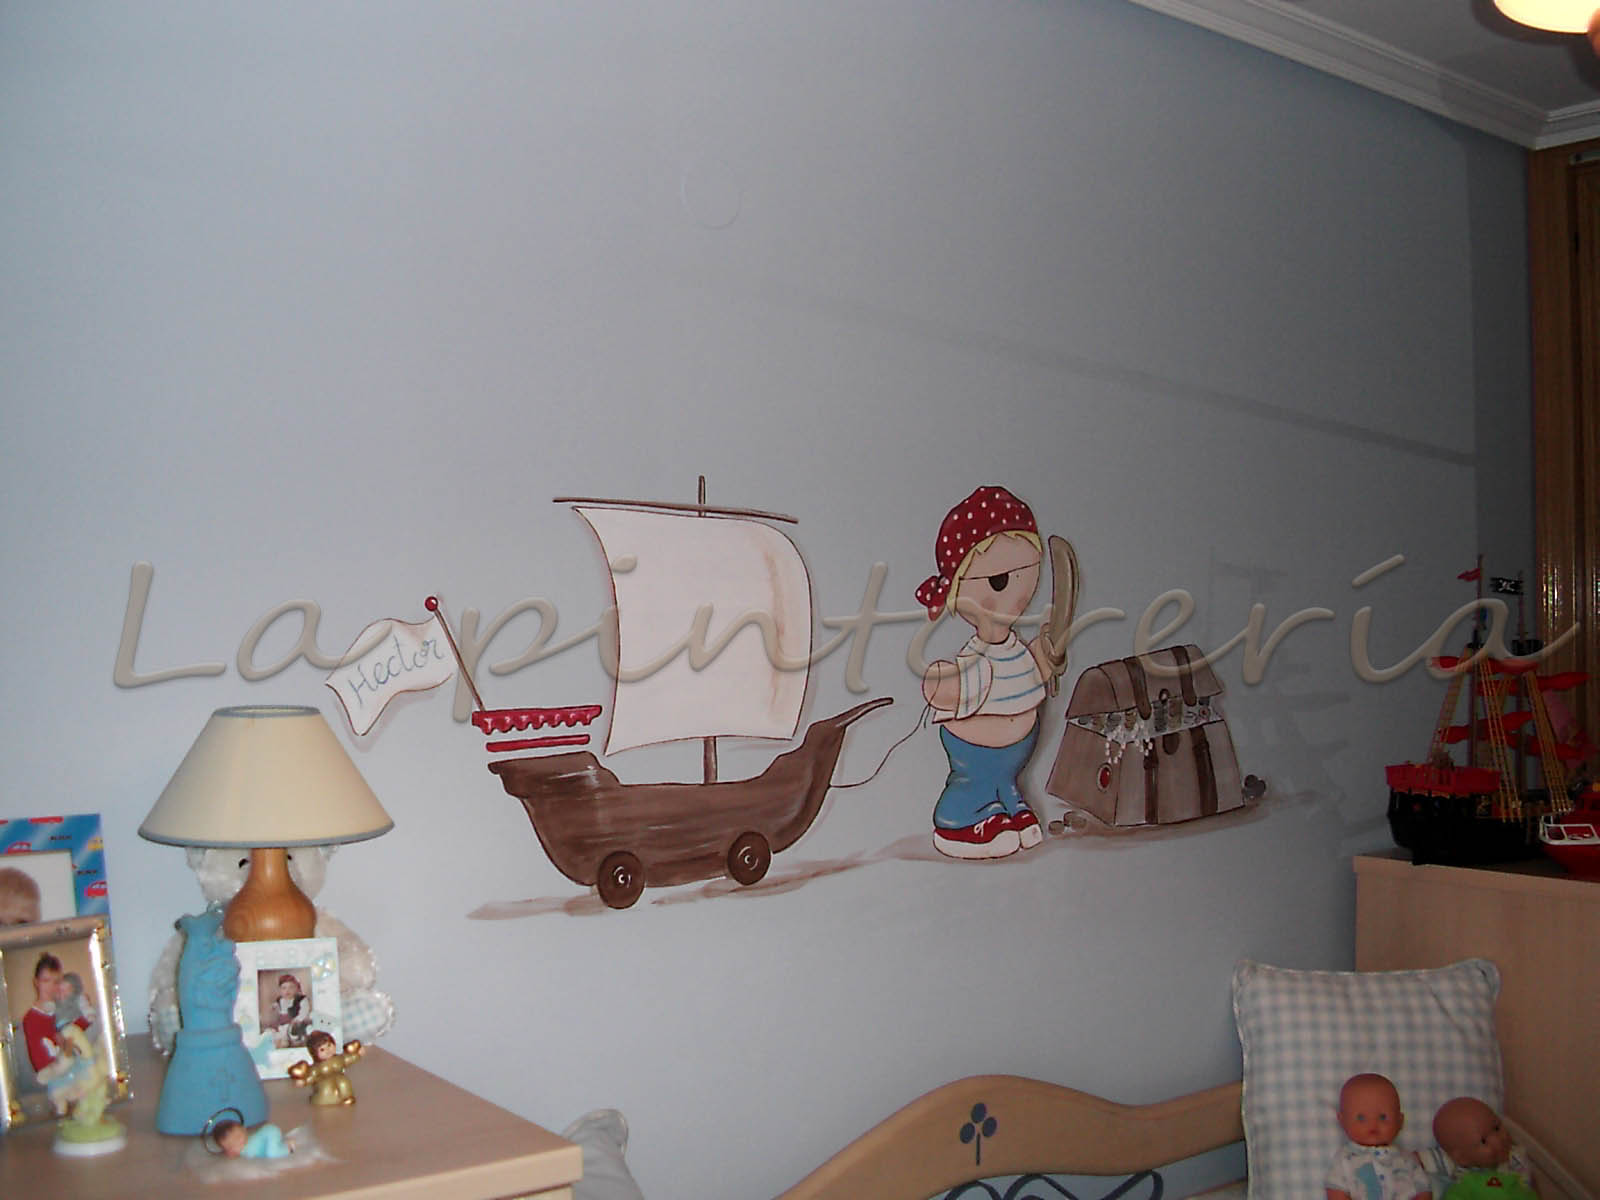 Des murs enchant s peinture murale chambre enfant for Peinture murale chambre enfant